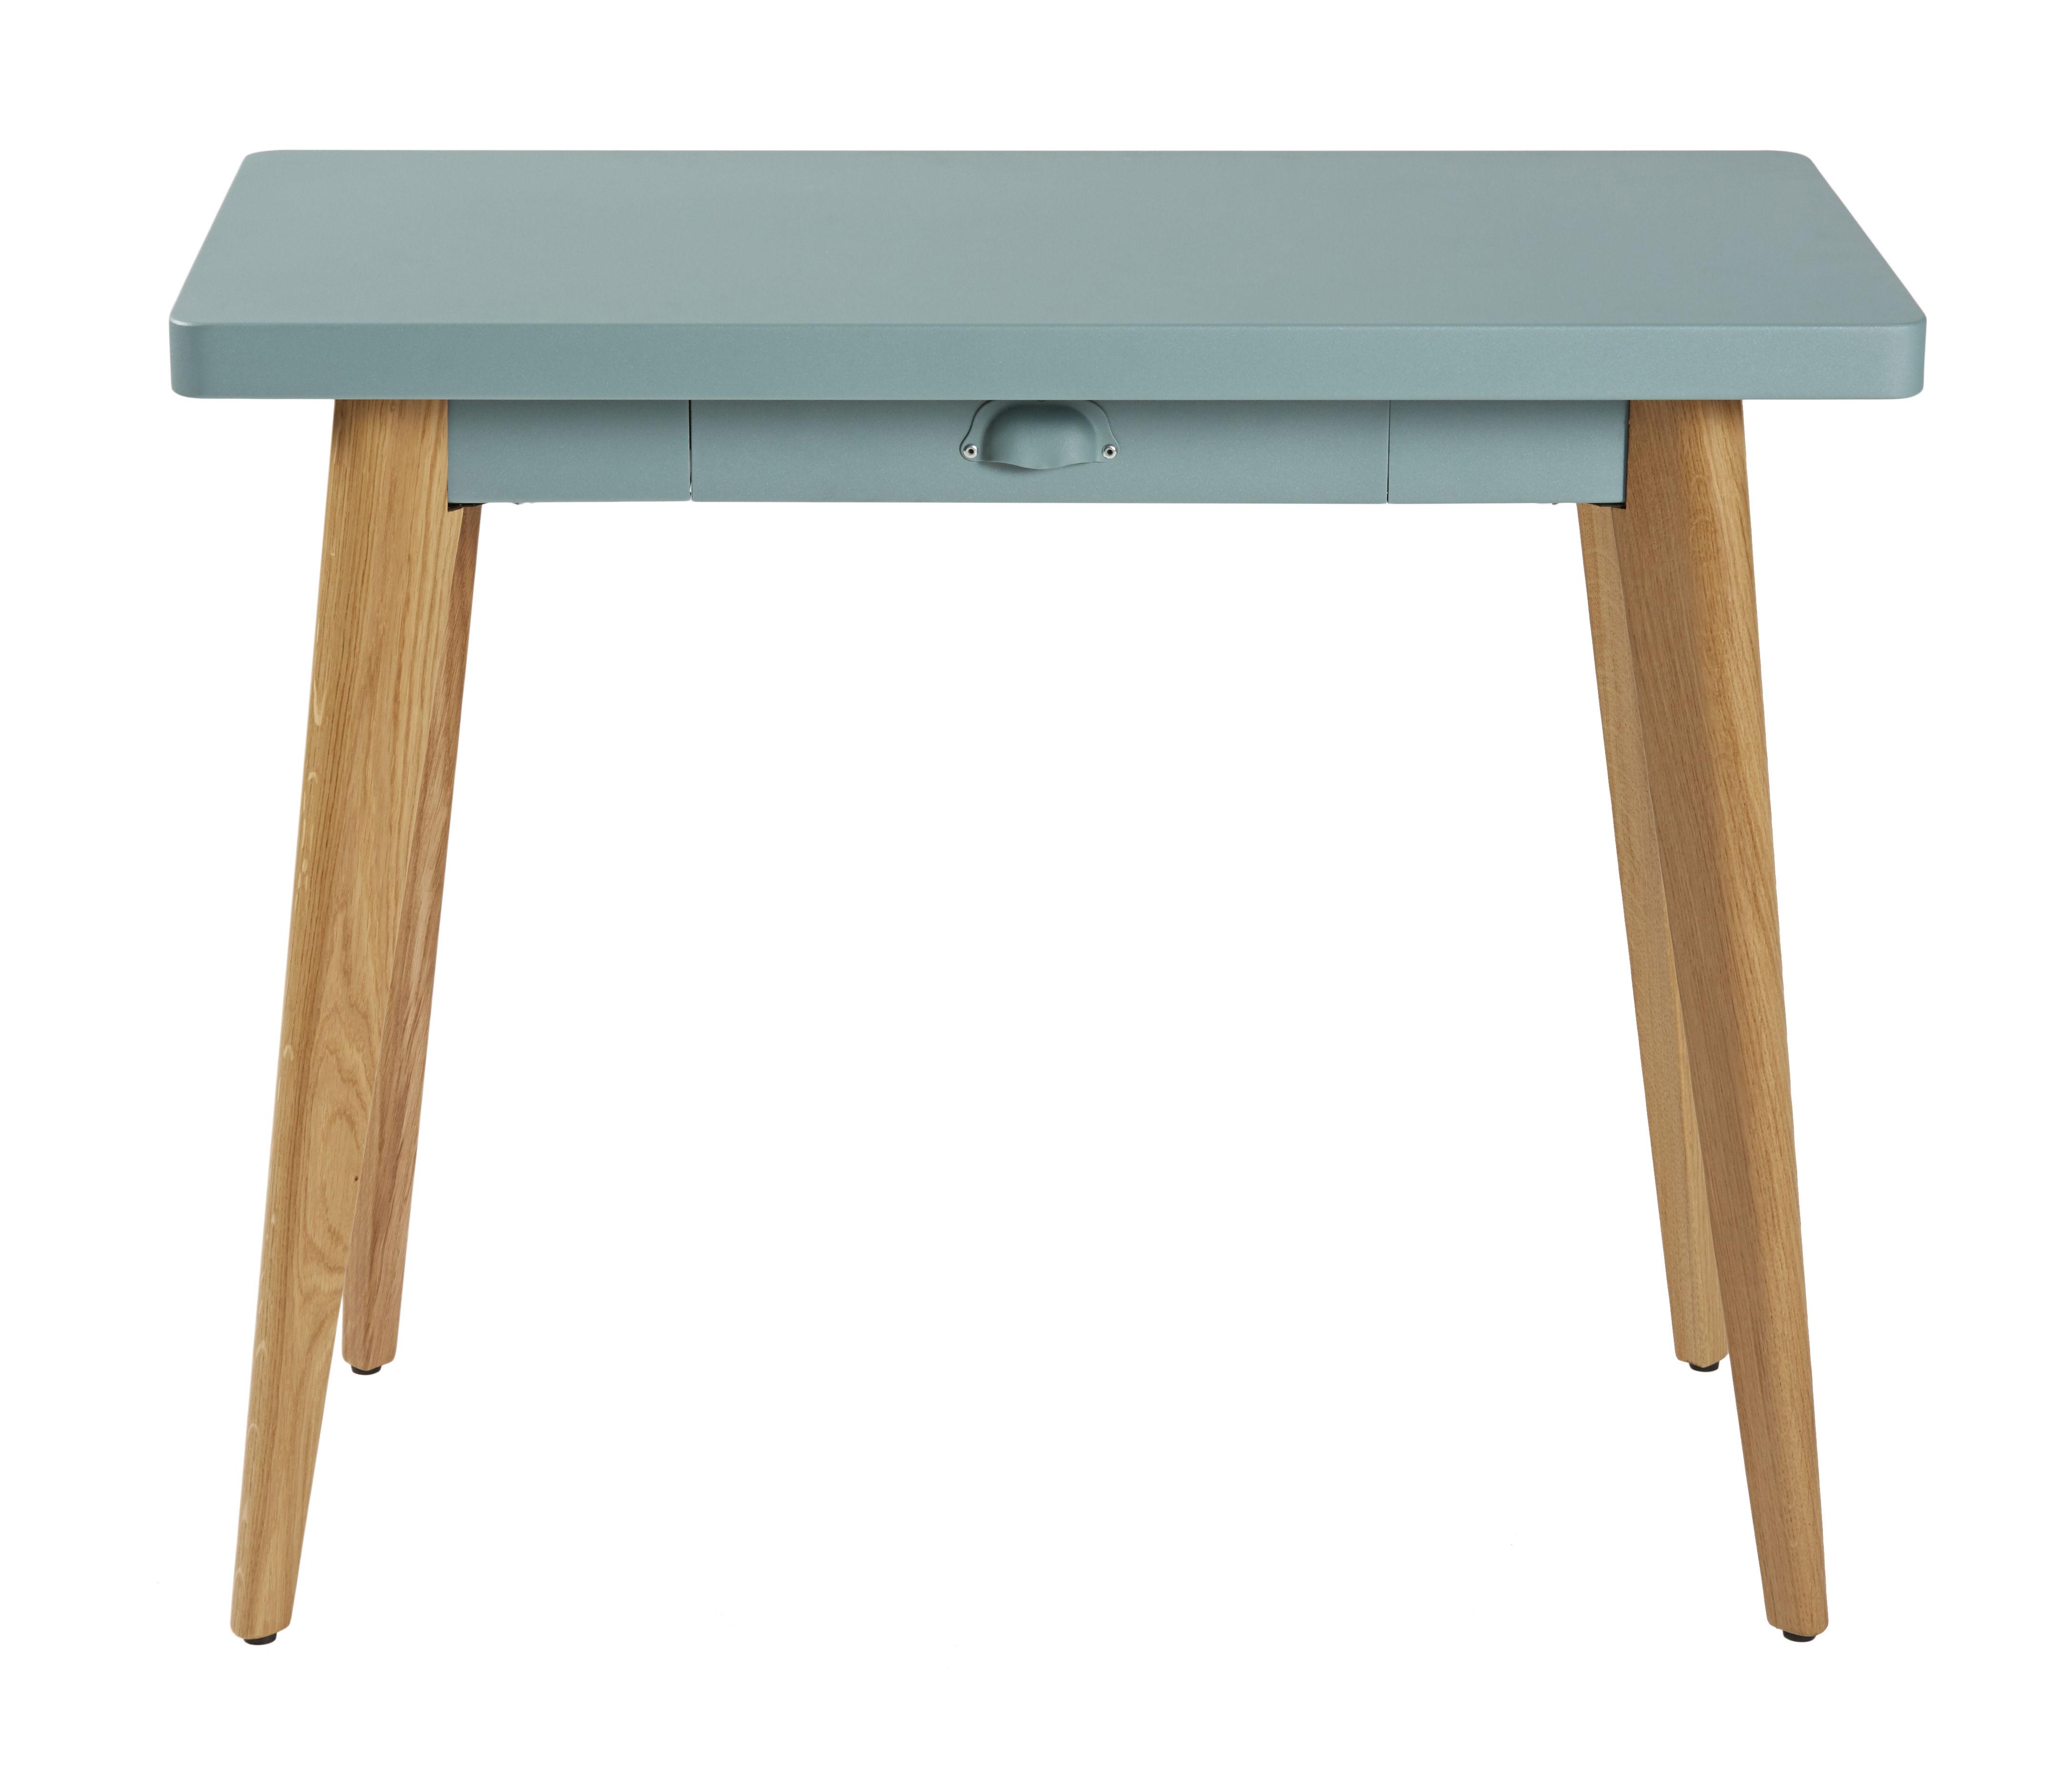 Möbel - Konsole - 55 Konsole / mit Schublade - Metall & Füße aus Holz - Tolix - Graugrün / Stuhlbeine holzfarben - Lackierter recycelter Stahl, massive Eiche